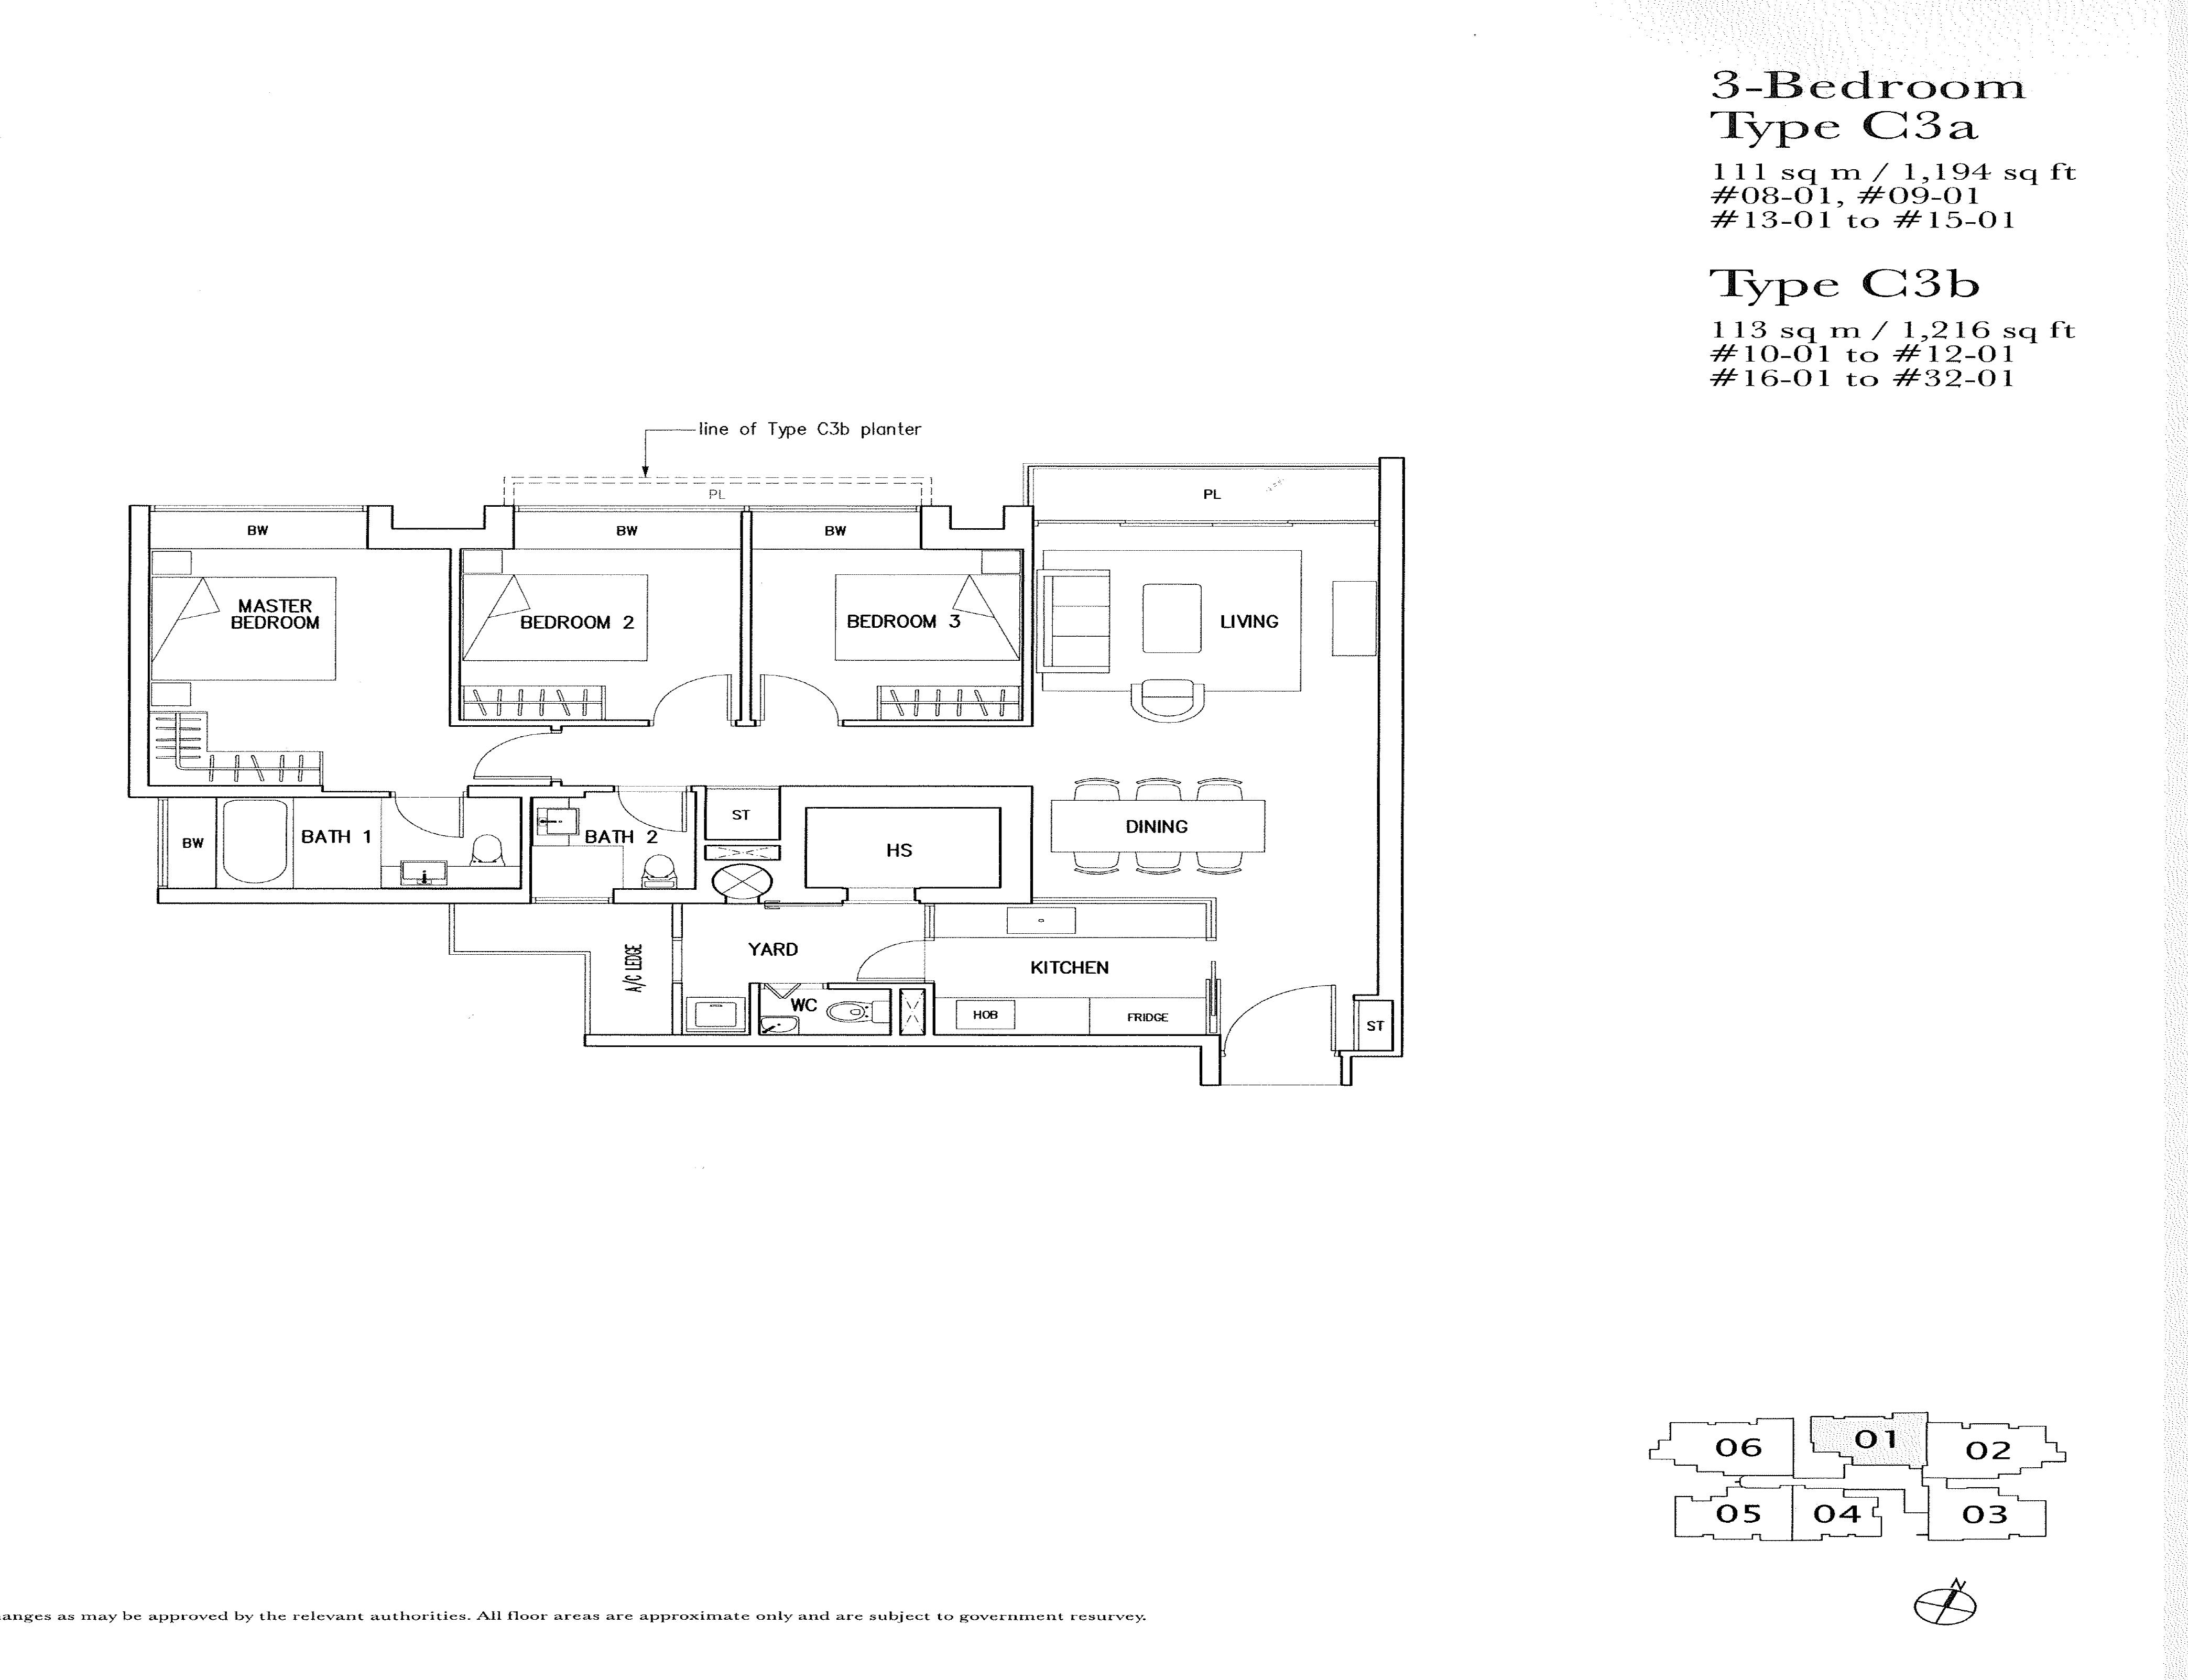 9E813722-F509-450E-9F27-3B5BE2C9383A.png